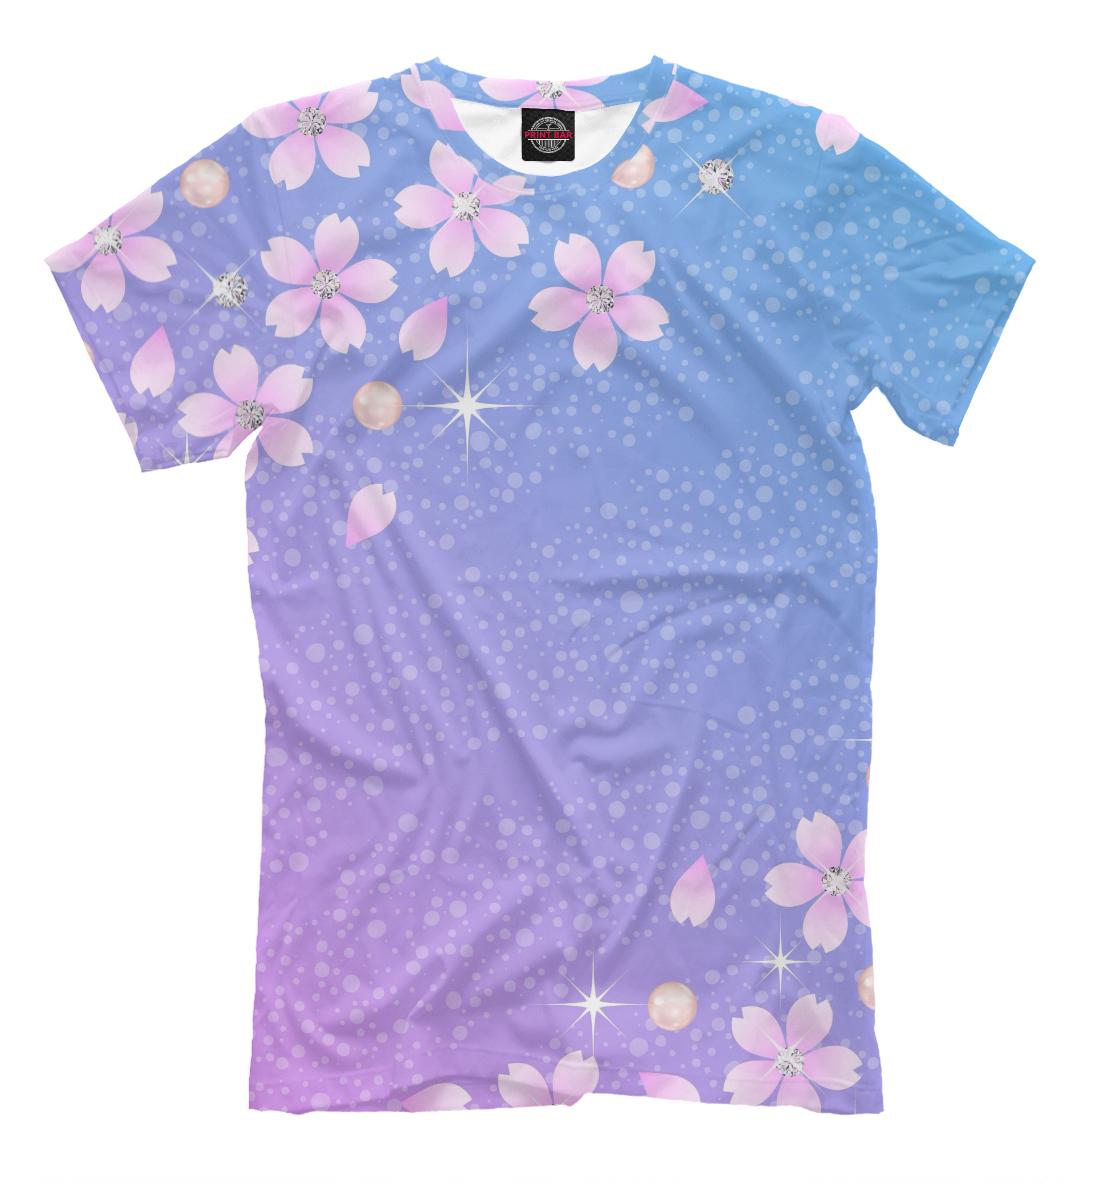 Купить Цветы и звёзды, Printbar, Футболки, CVE-454056-fut-2